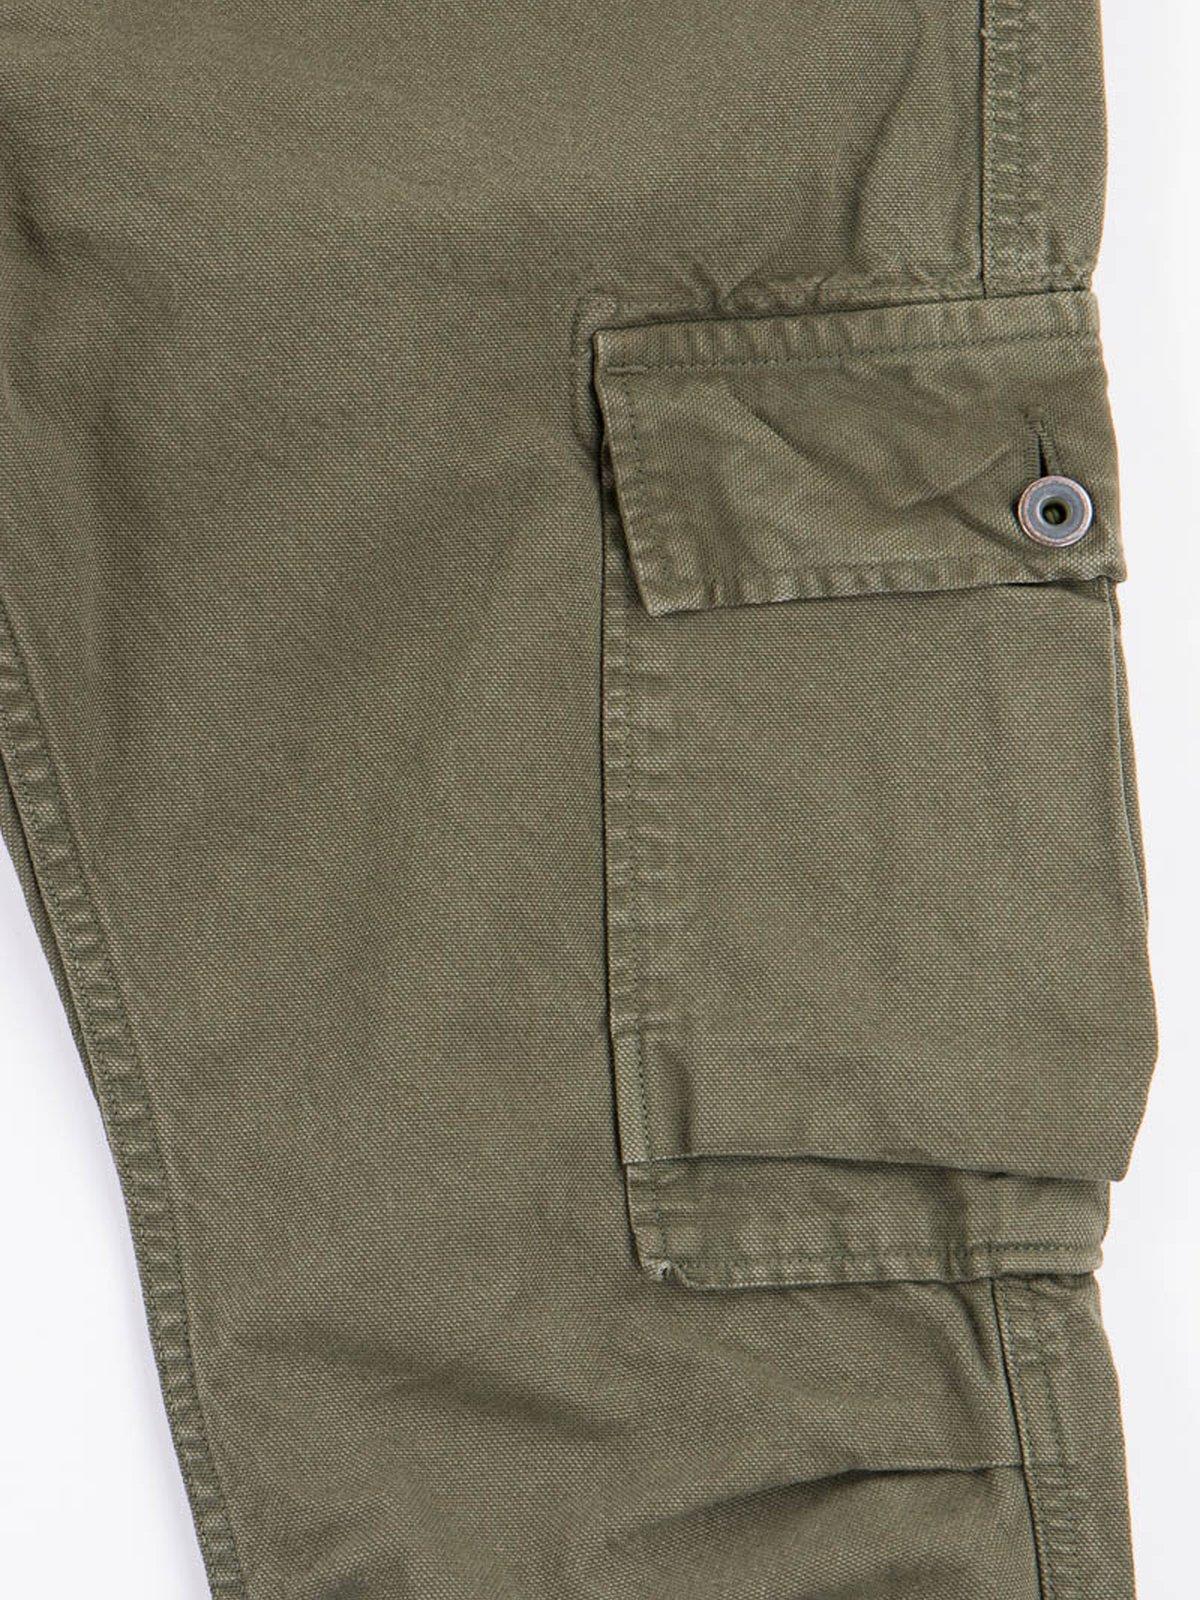 Olive Light Canvas Ringo Man Cargo Pant - Image 3